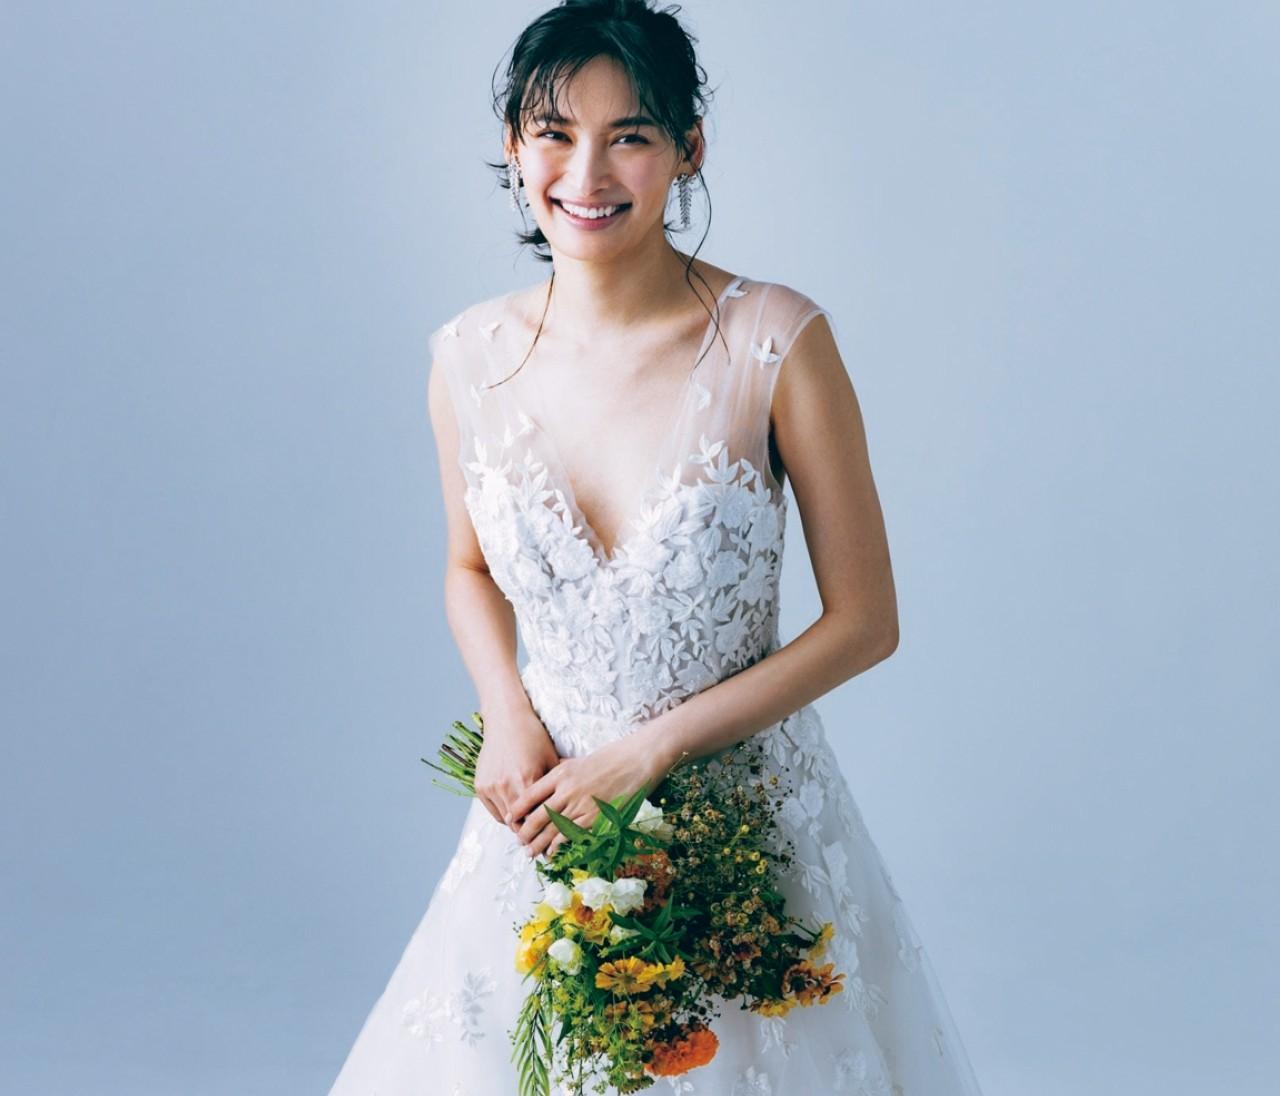 Aラインのウエディングドレスは小物でスパイスを【withコロナ時代の写真映えドレス5】